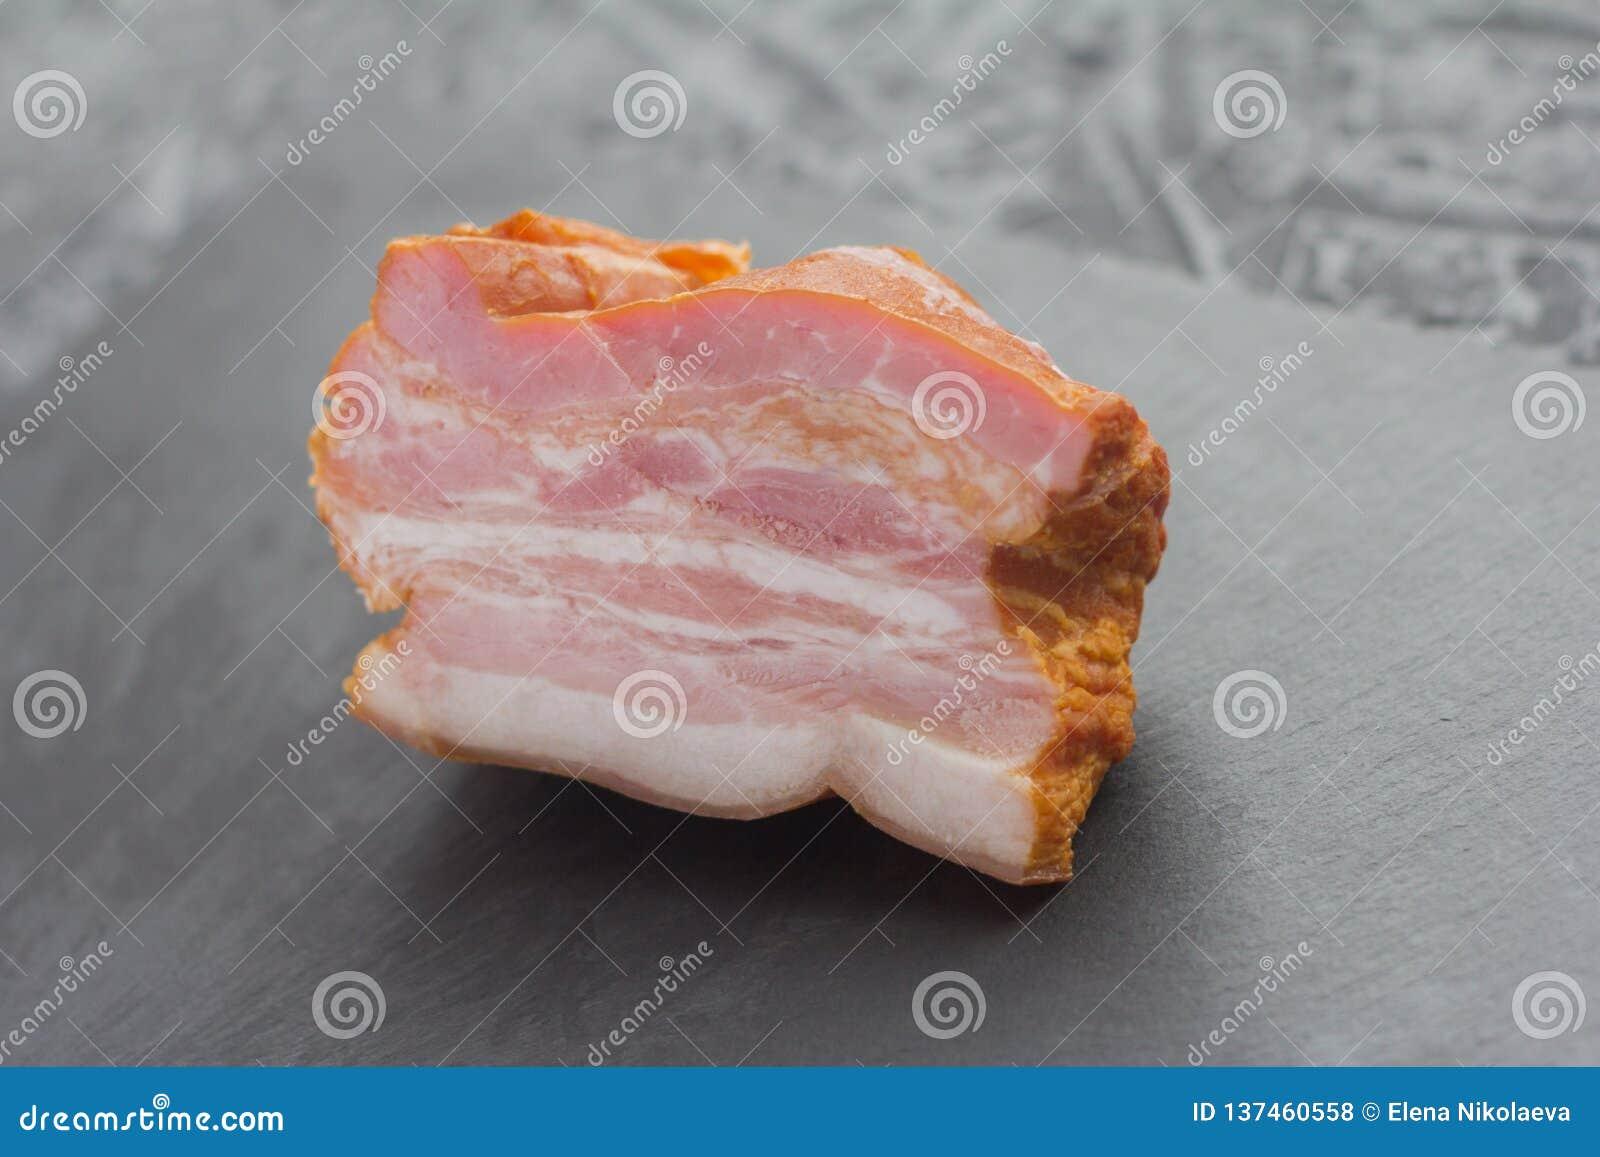 Vleesdelicatesse, gerookt borststuk op een steenraad